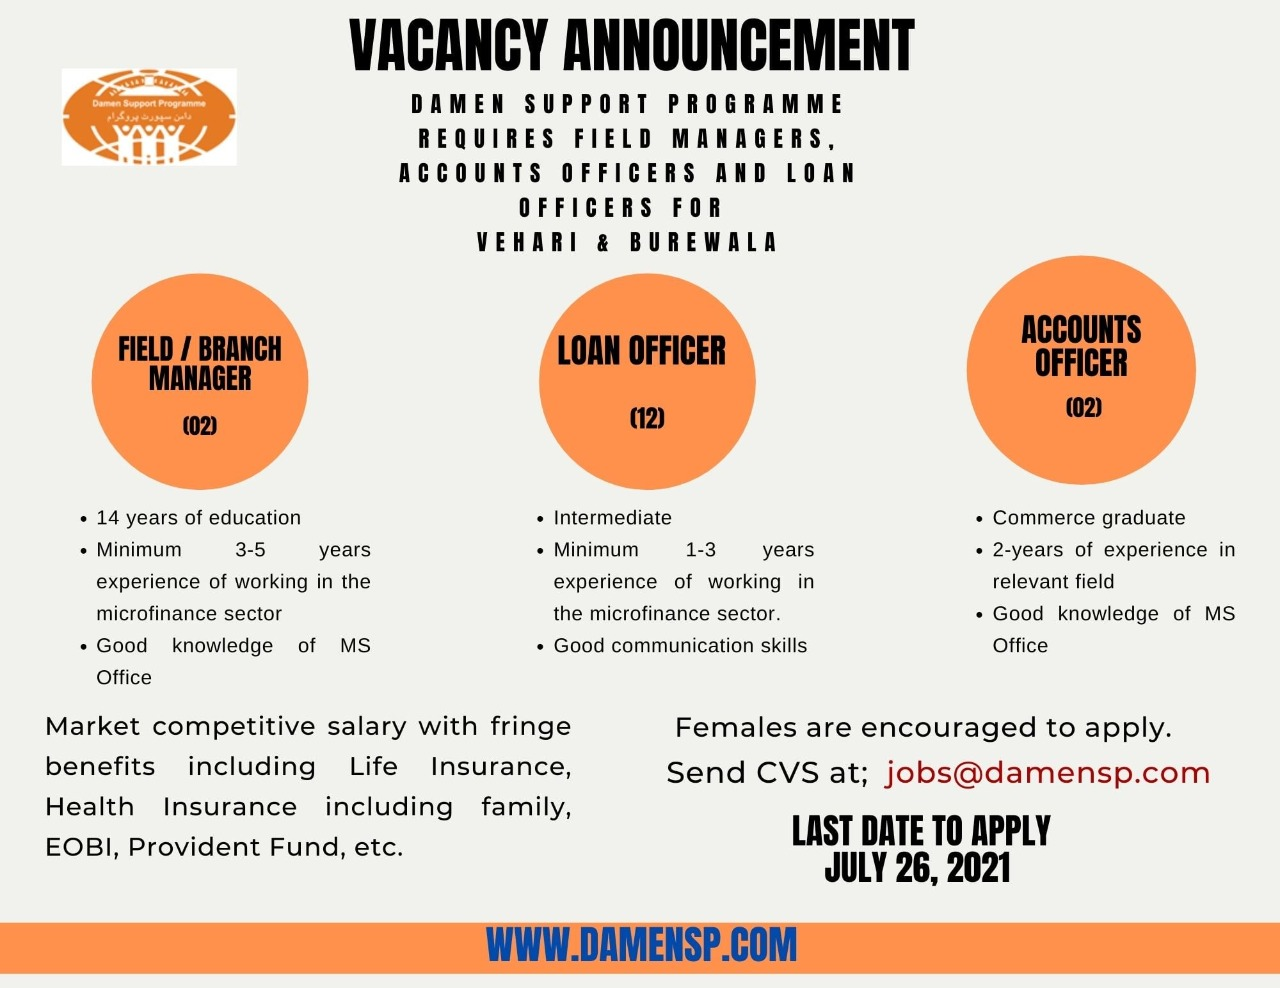 DAMEN SUPPORT PROGRAMME (DSP) Announced Jobs 2021